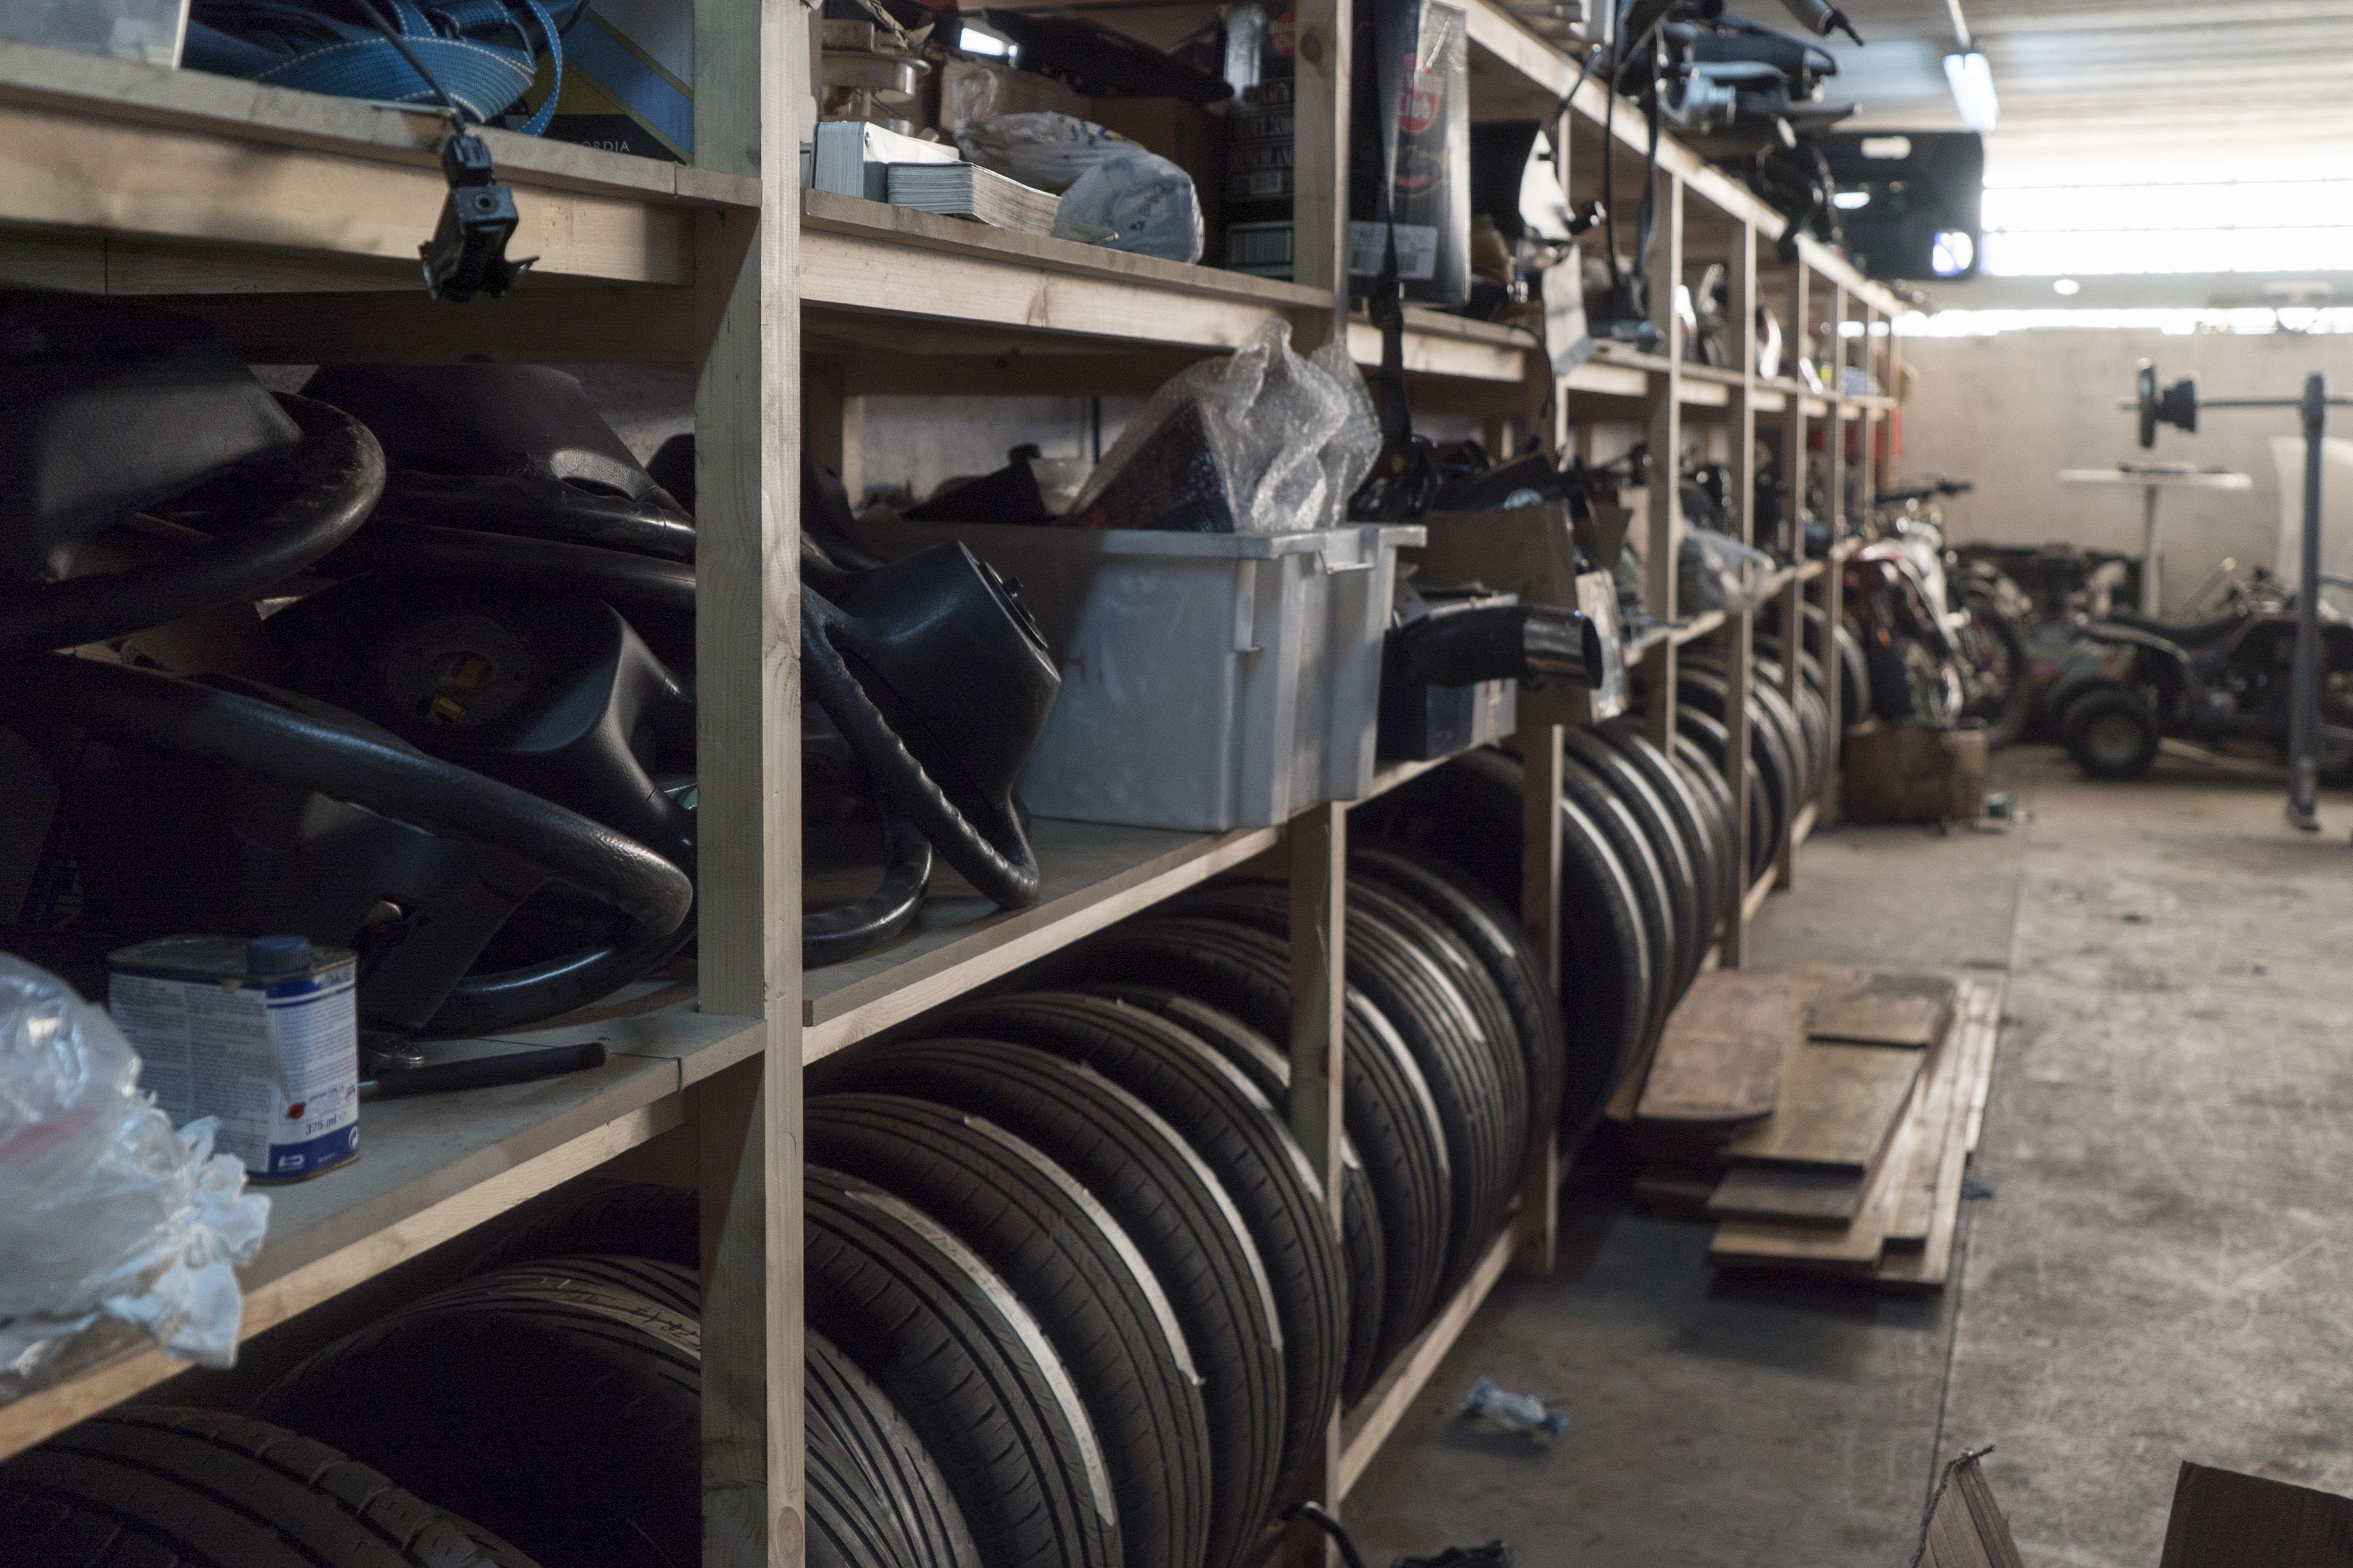 Taller de neumáticos en Bilbao